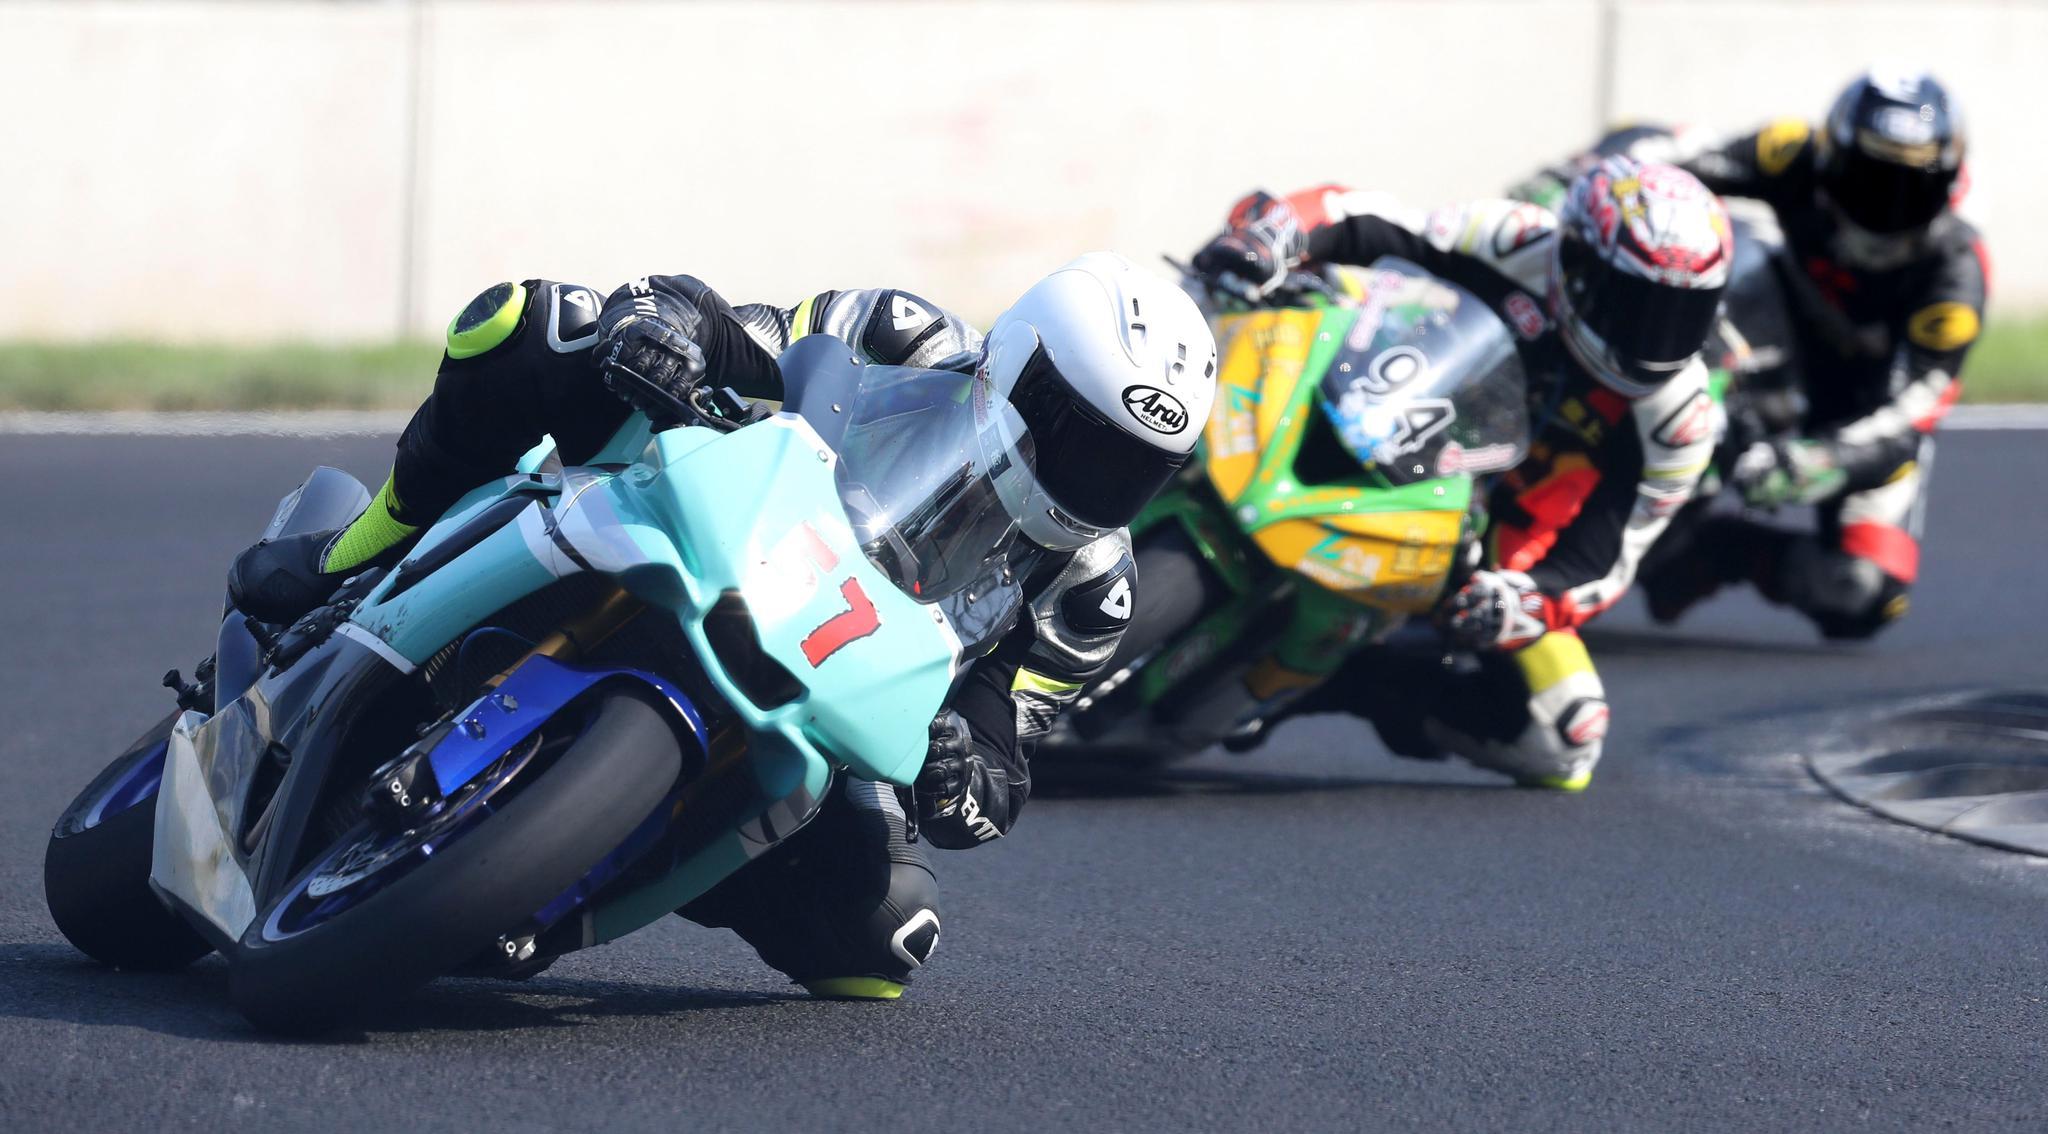 摩托车——CSBK中国超级摩托车锦标赛1000cc赛况